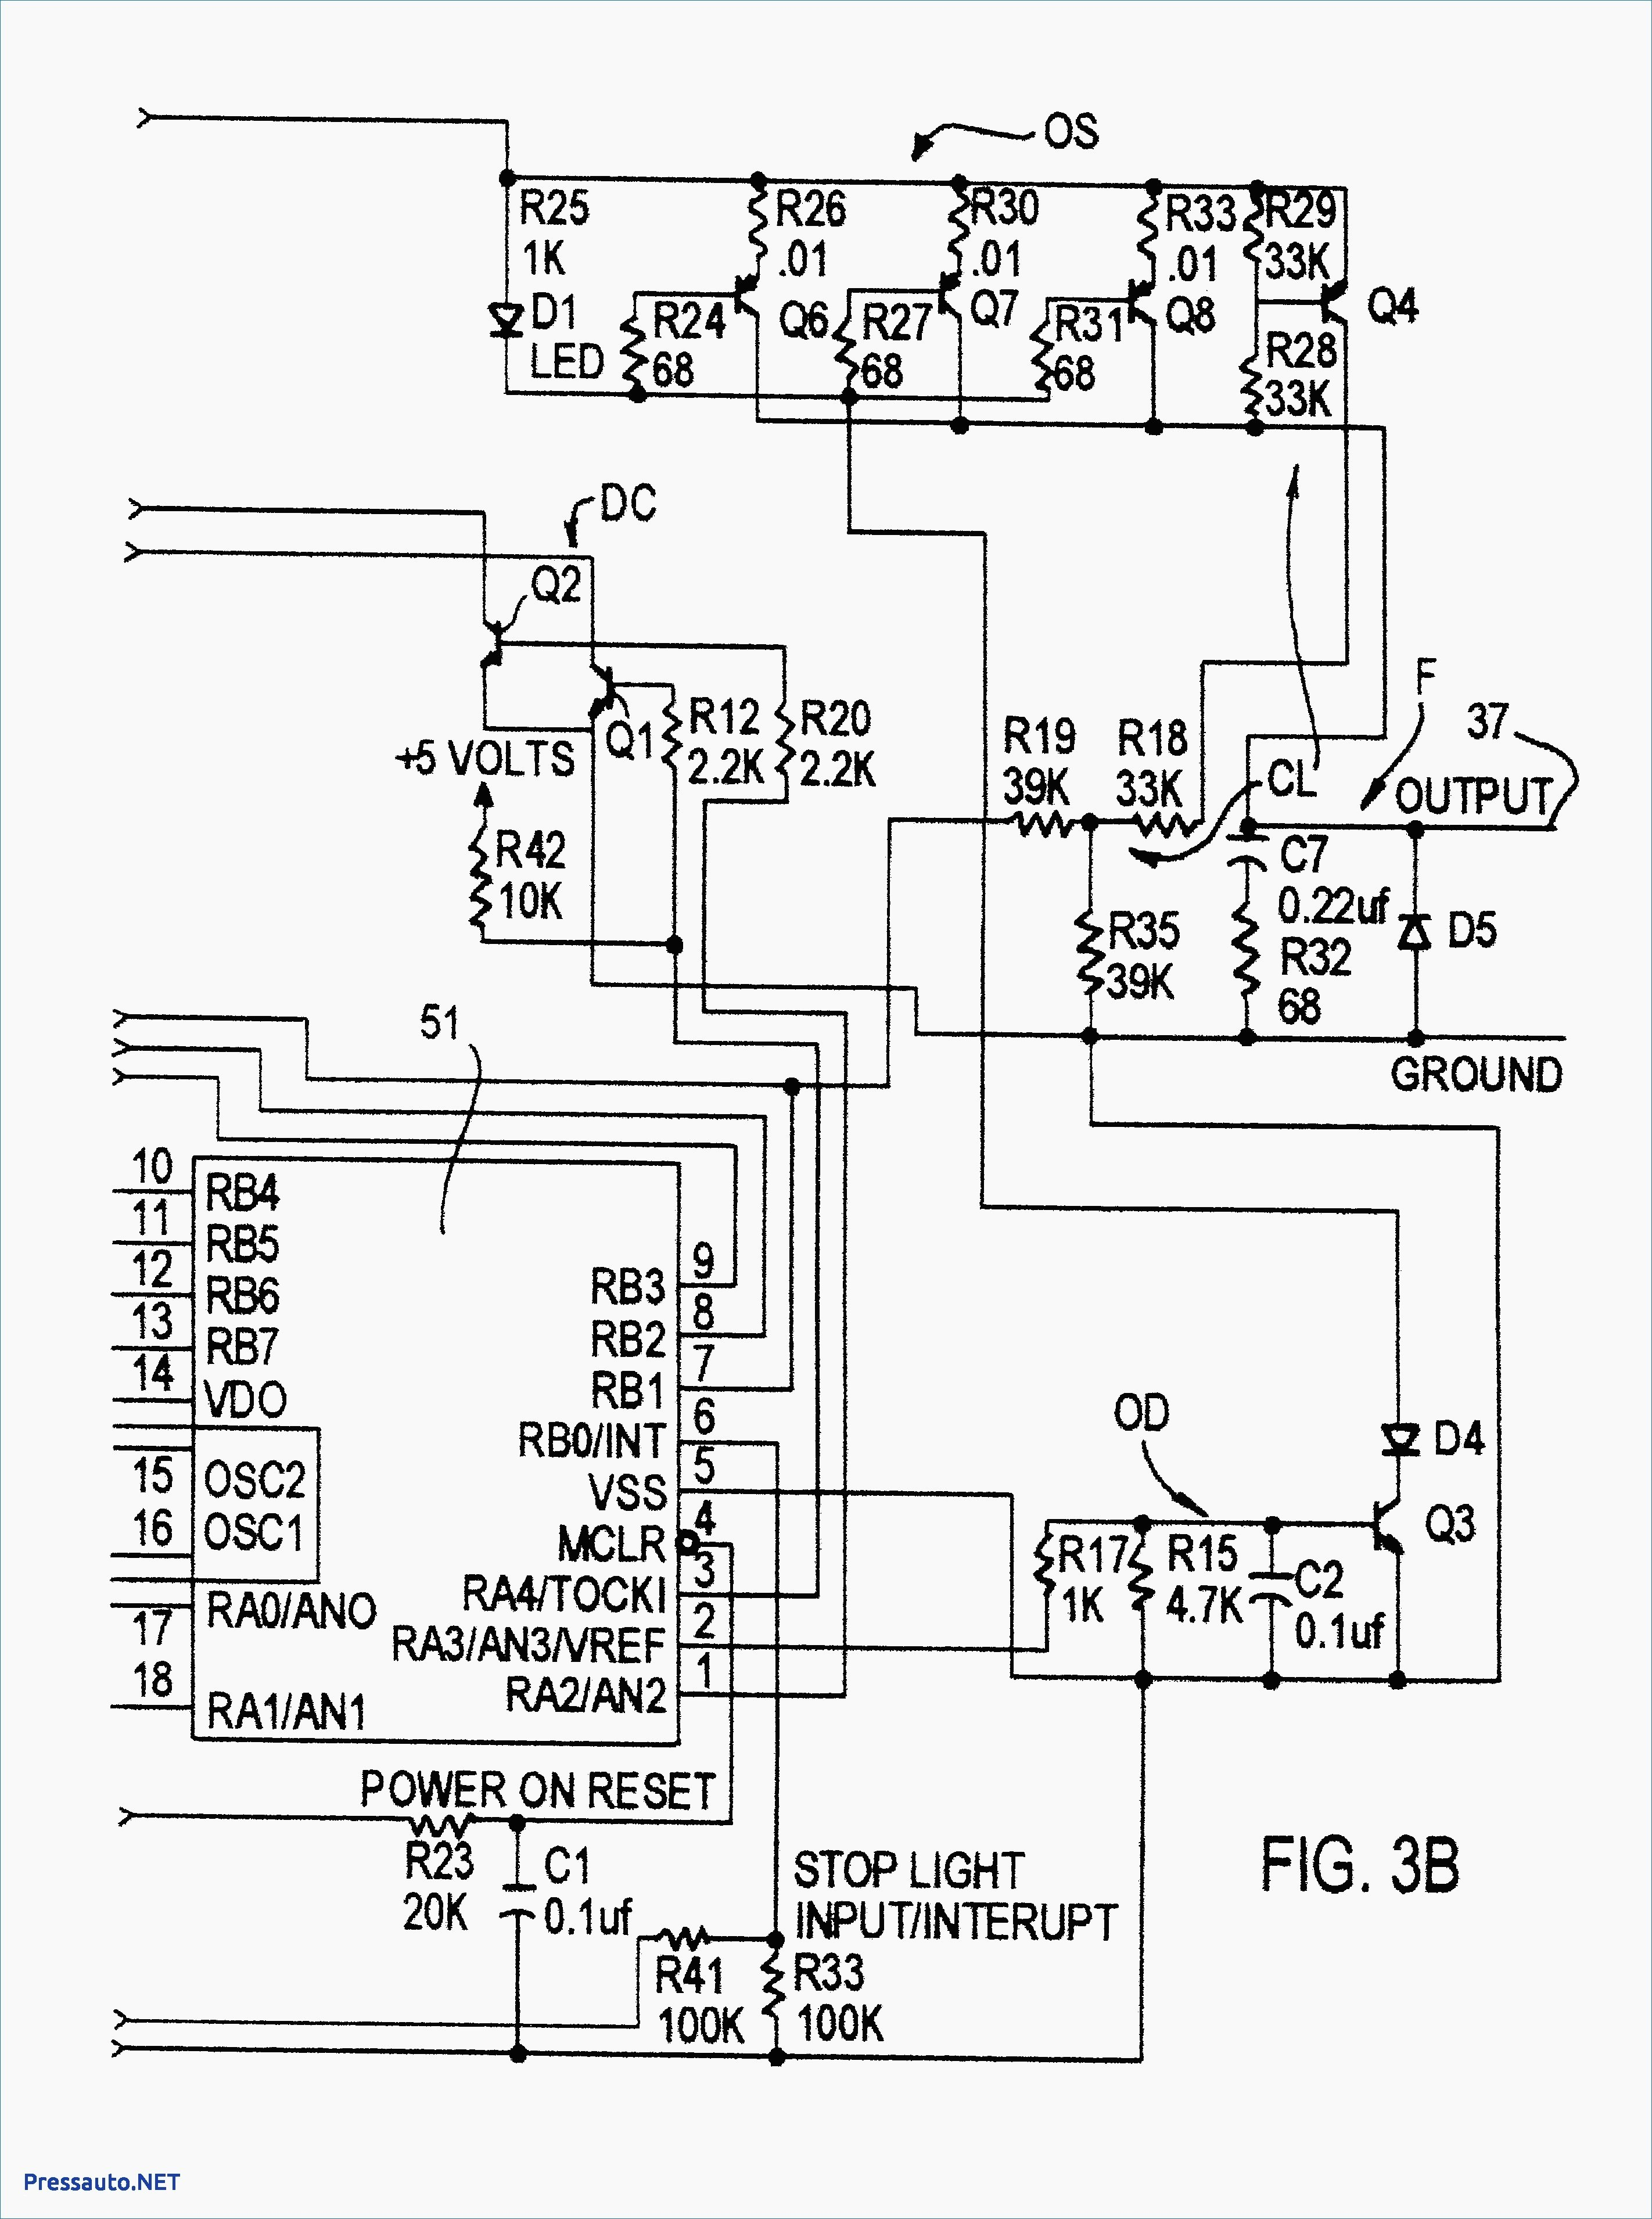 Trailer Brake Light Wiring Diagram Utility Trailer Wiring Diagram originalstylophone Of Trailer Brake Light Wiring Diagram